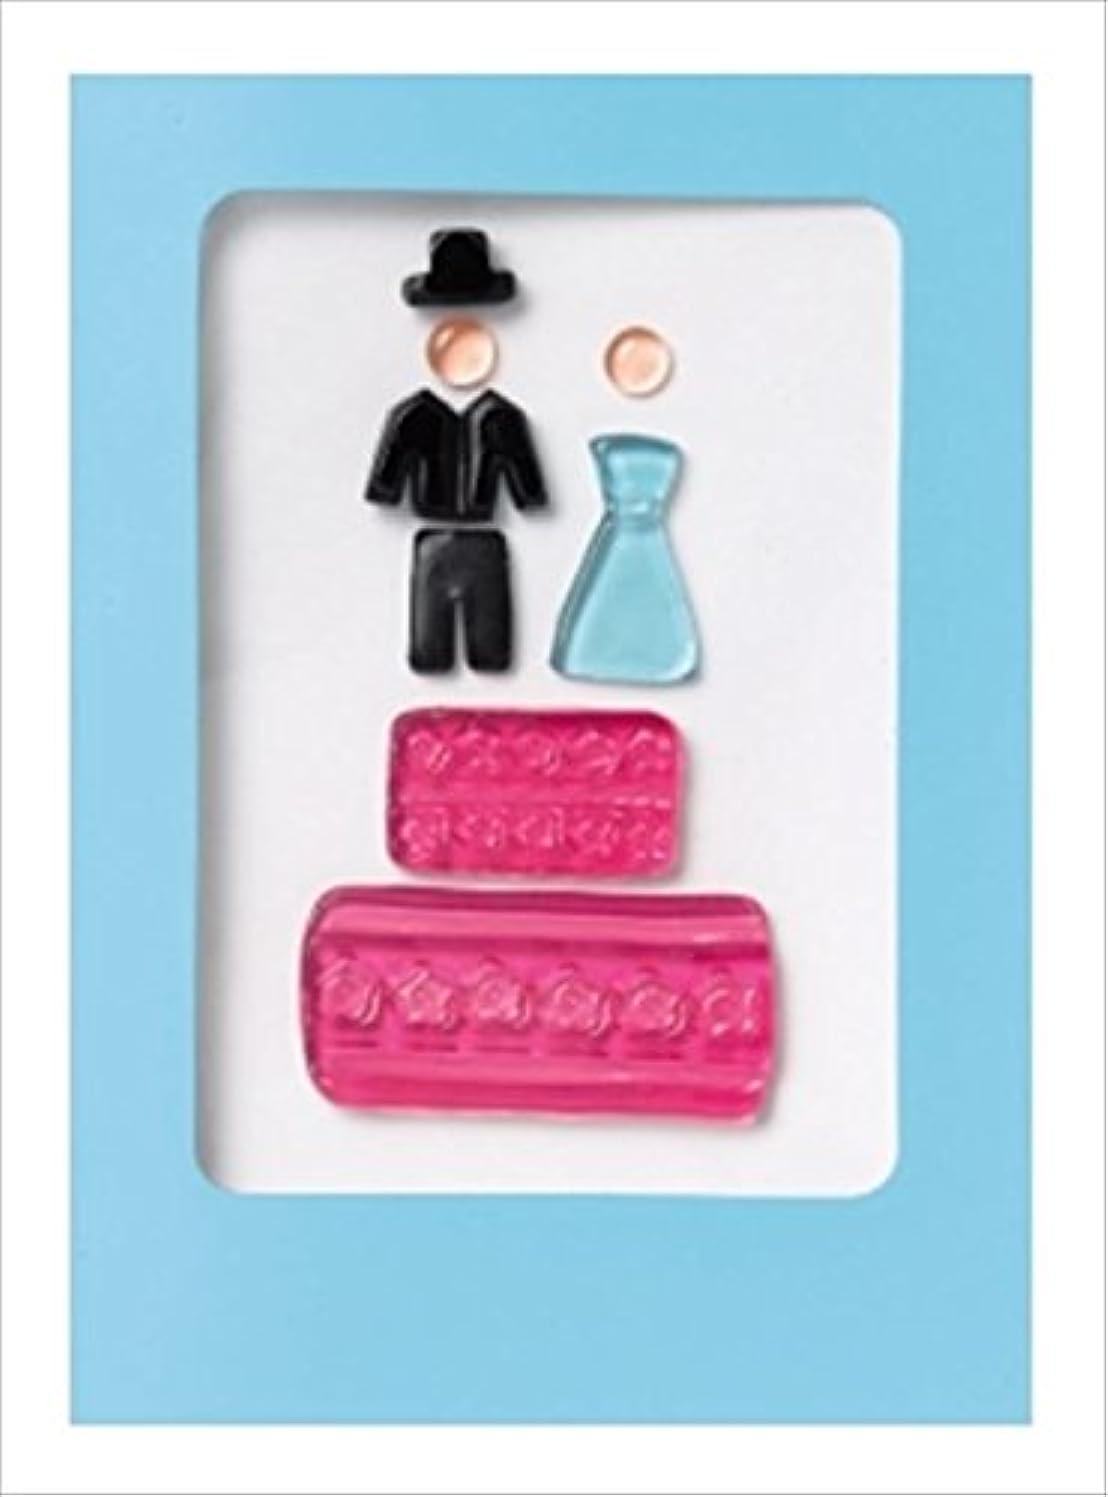 有効なドレス例示するジェルジェム(GelGems) ジェルジェムグリーティングカード 「 ウェディング 」 E0410029